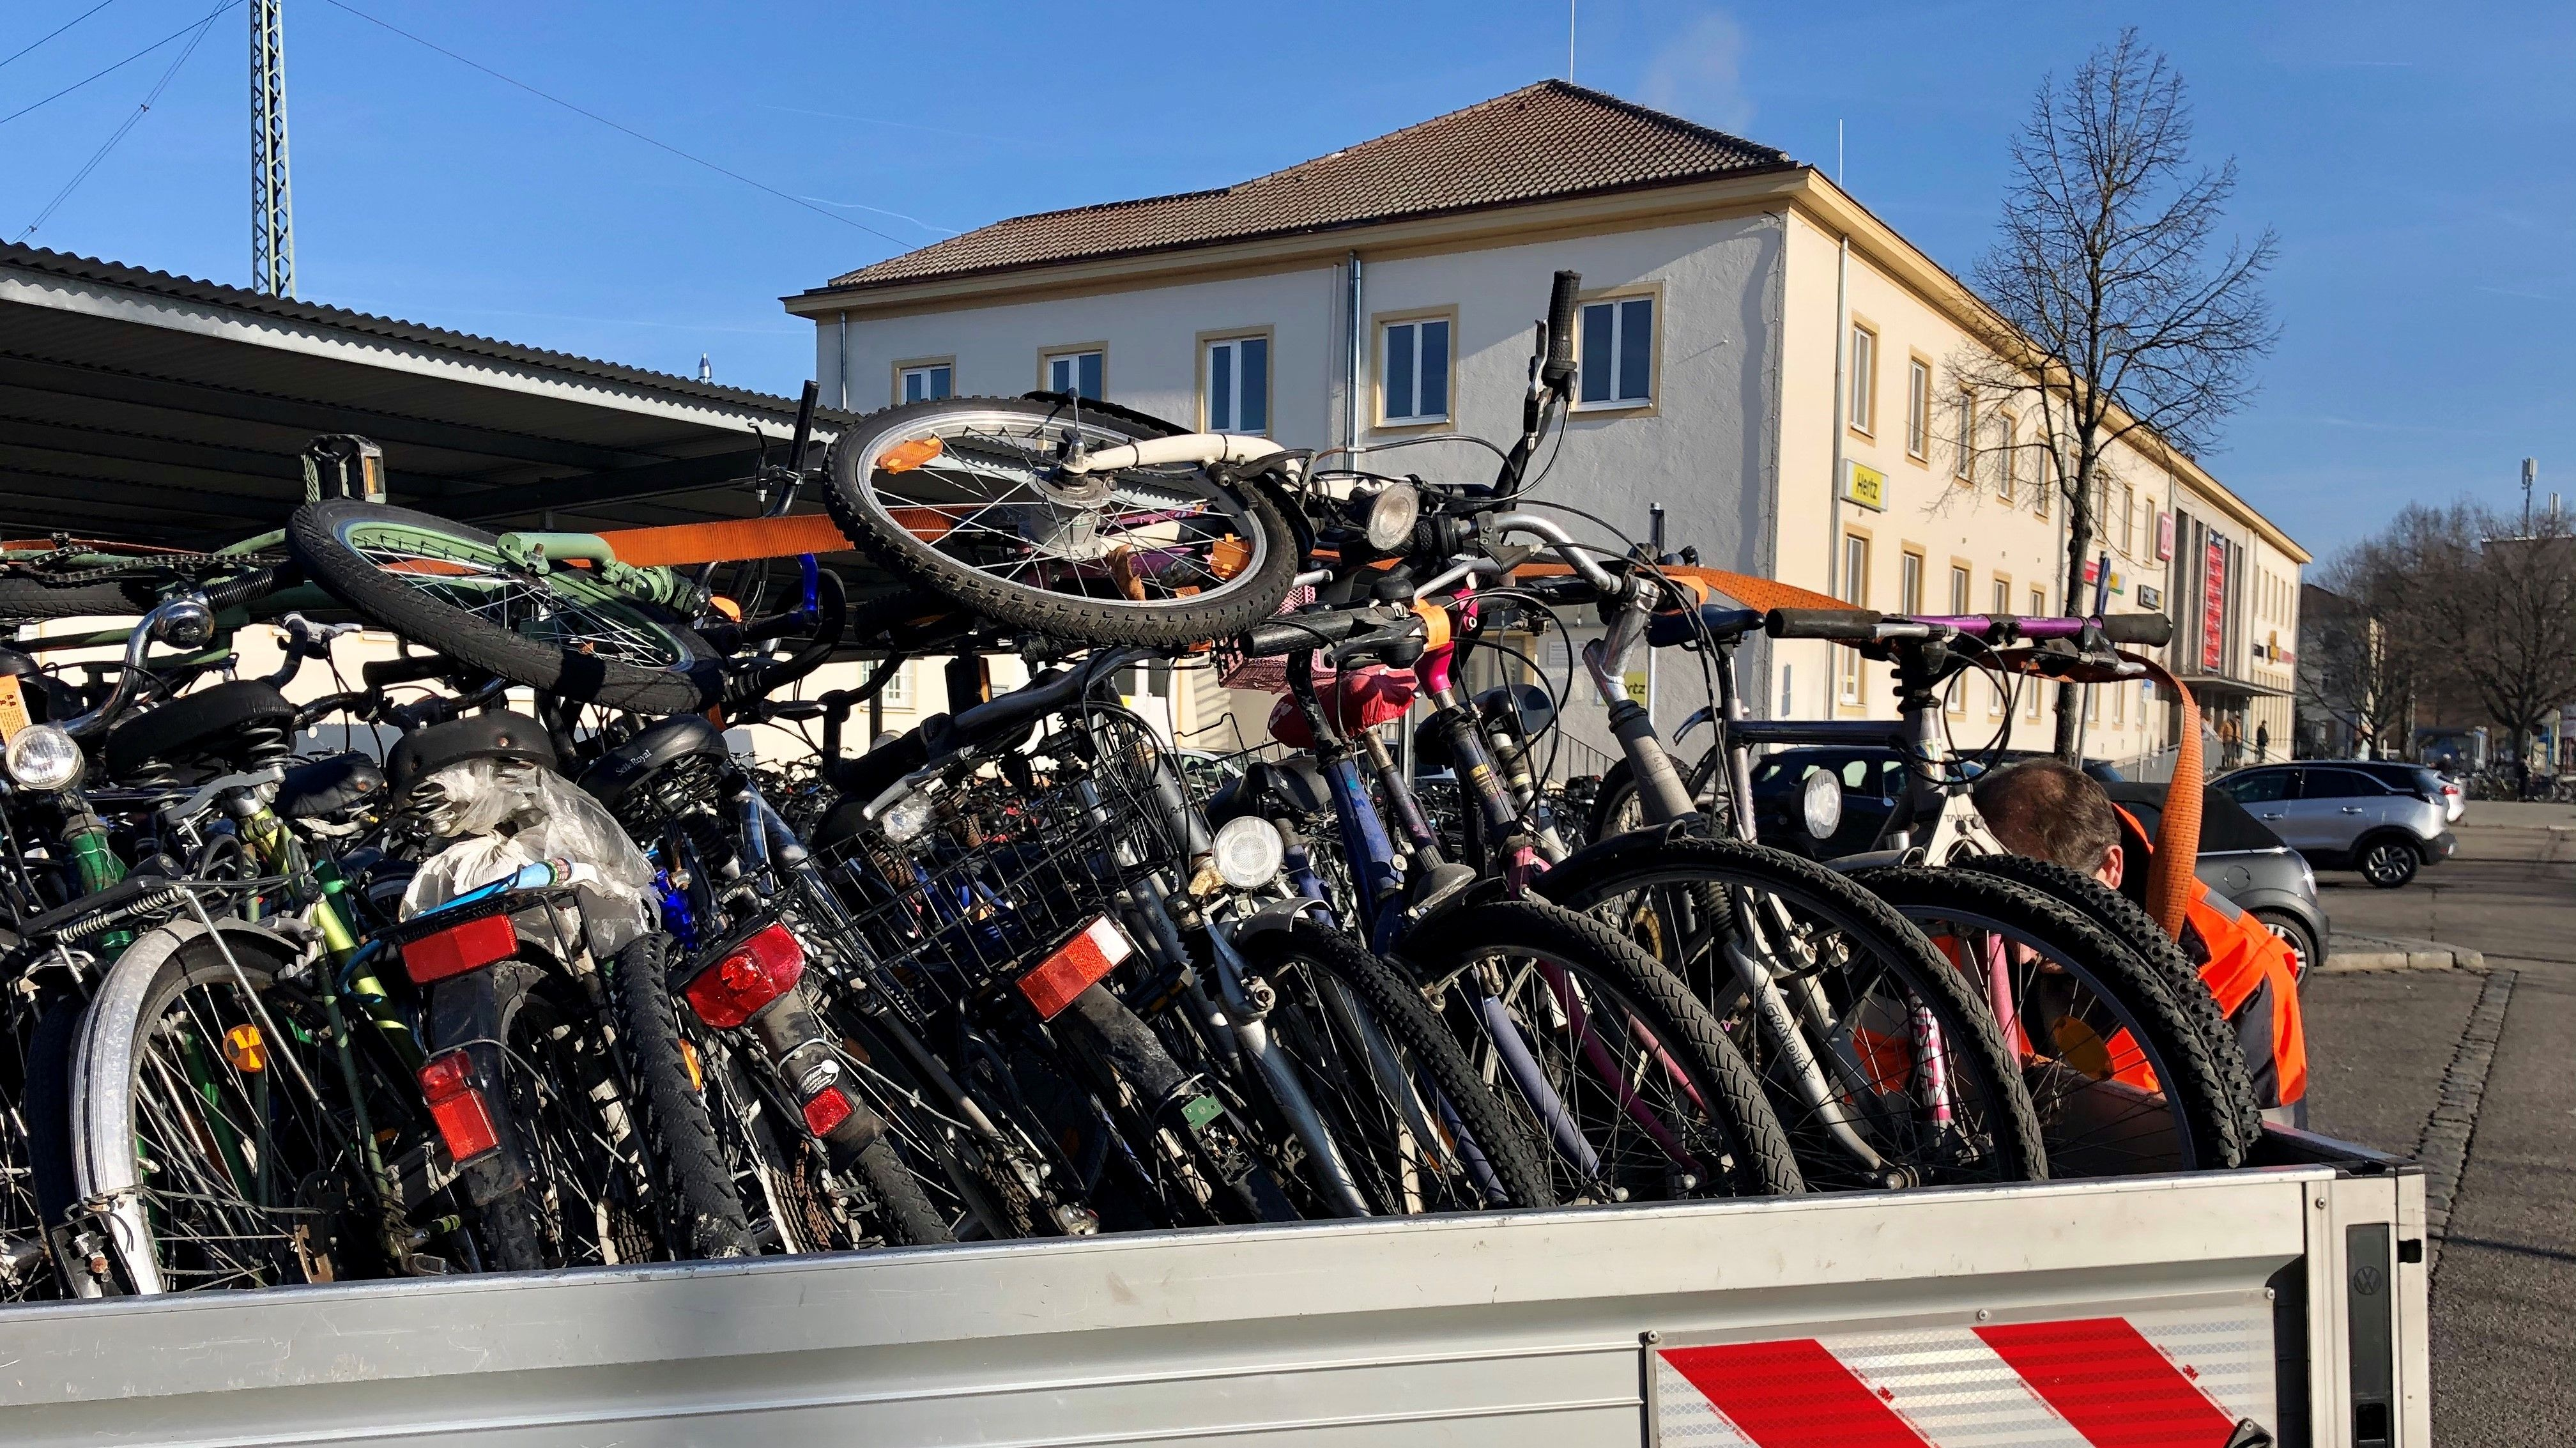 Schrotträder auf einem Anhänger vor dem Landshuter Bahnhofsgebäude